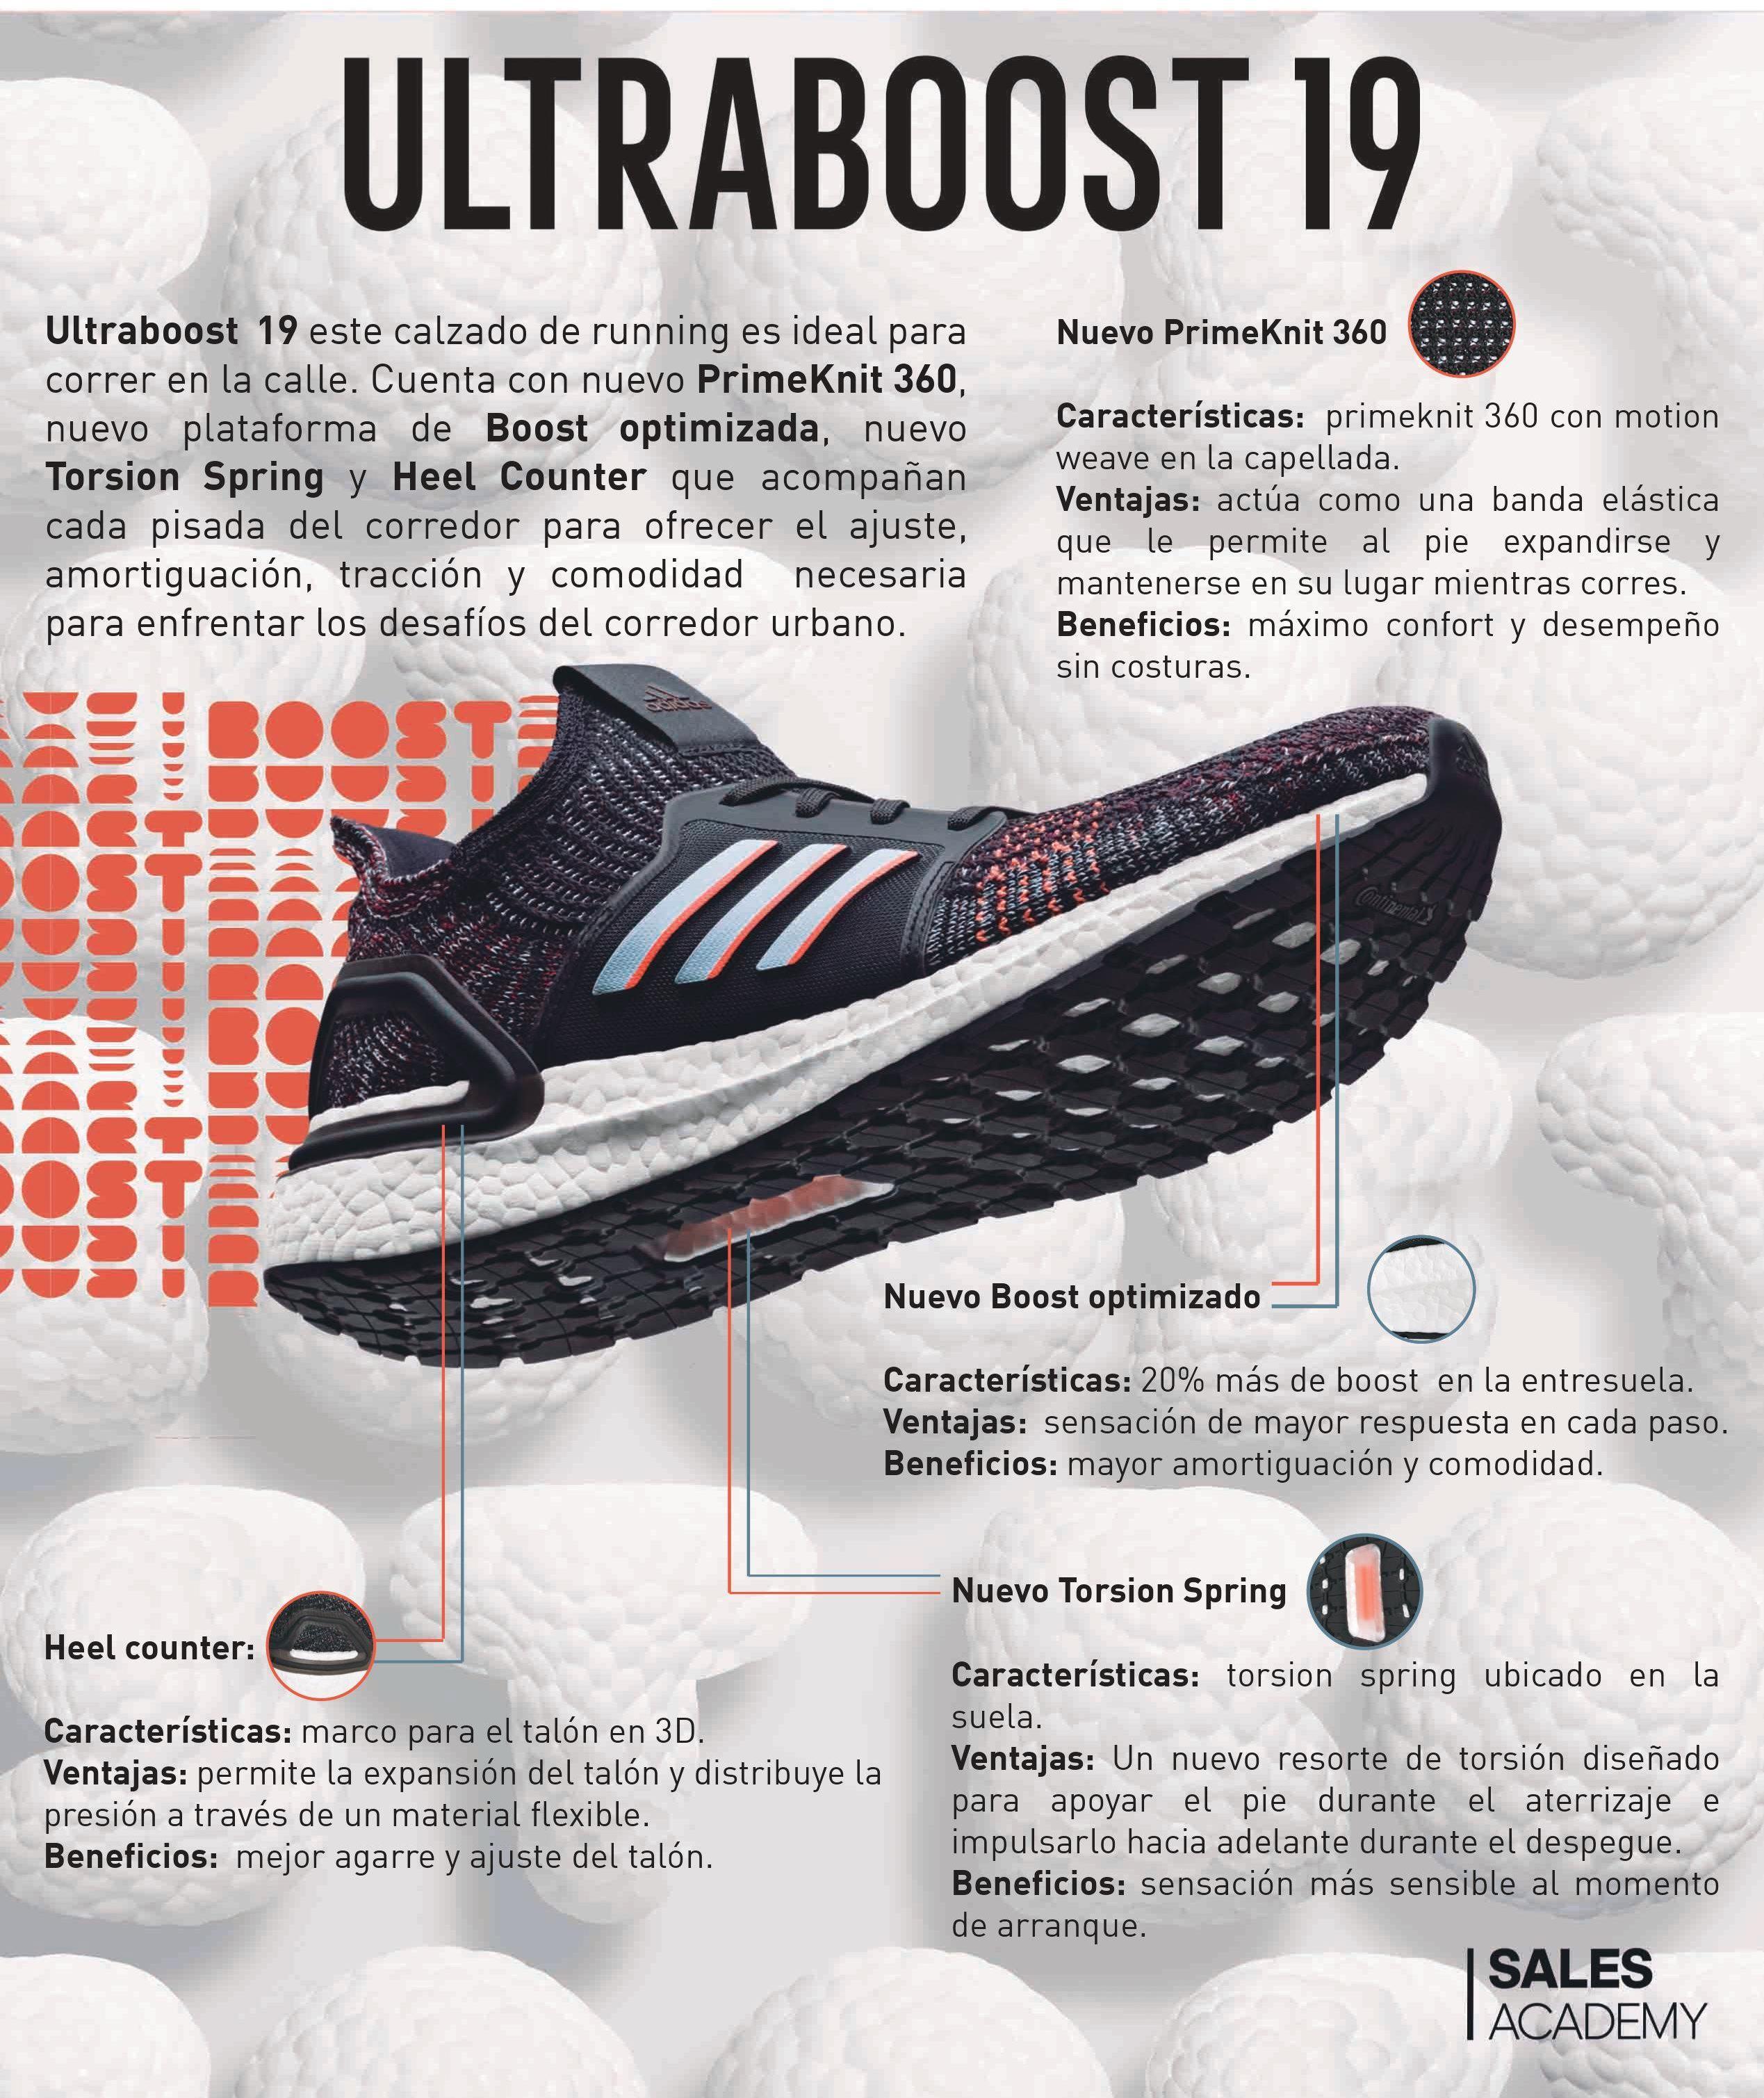 Ultraboost 19 este calzado de running es ideal para correr en la calle.